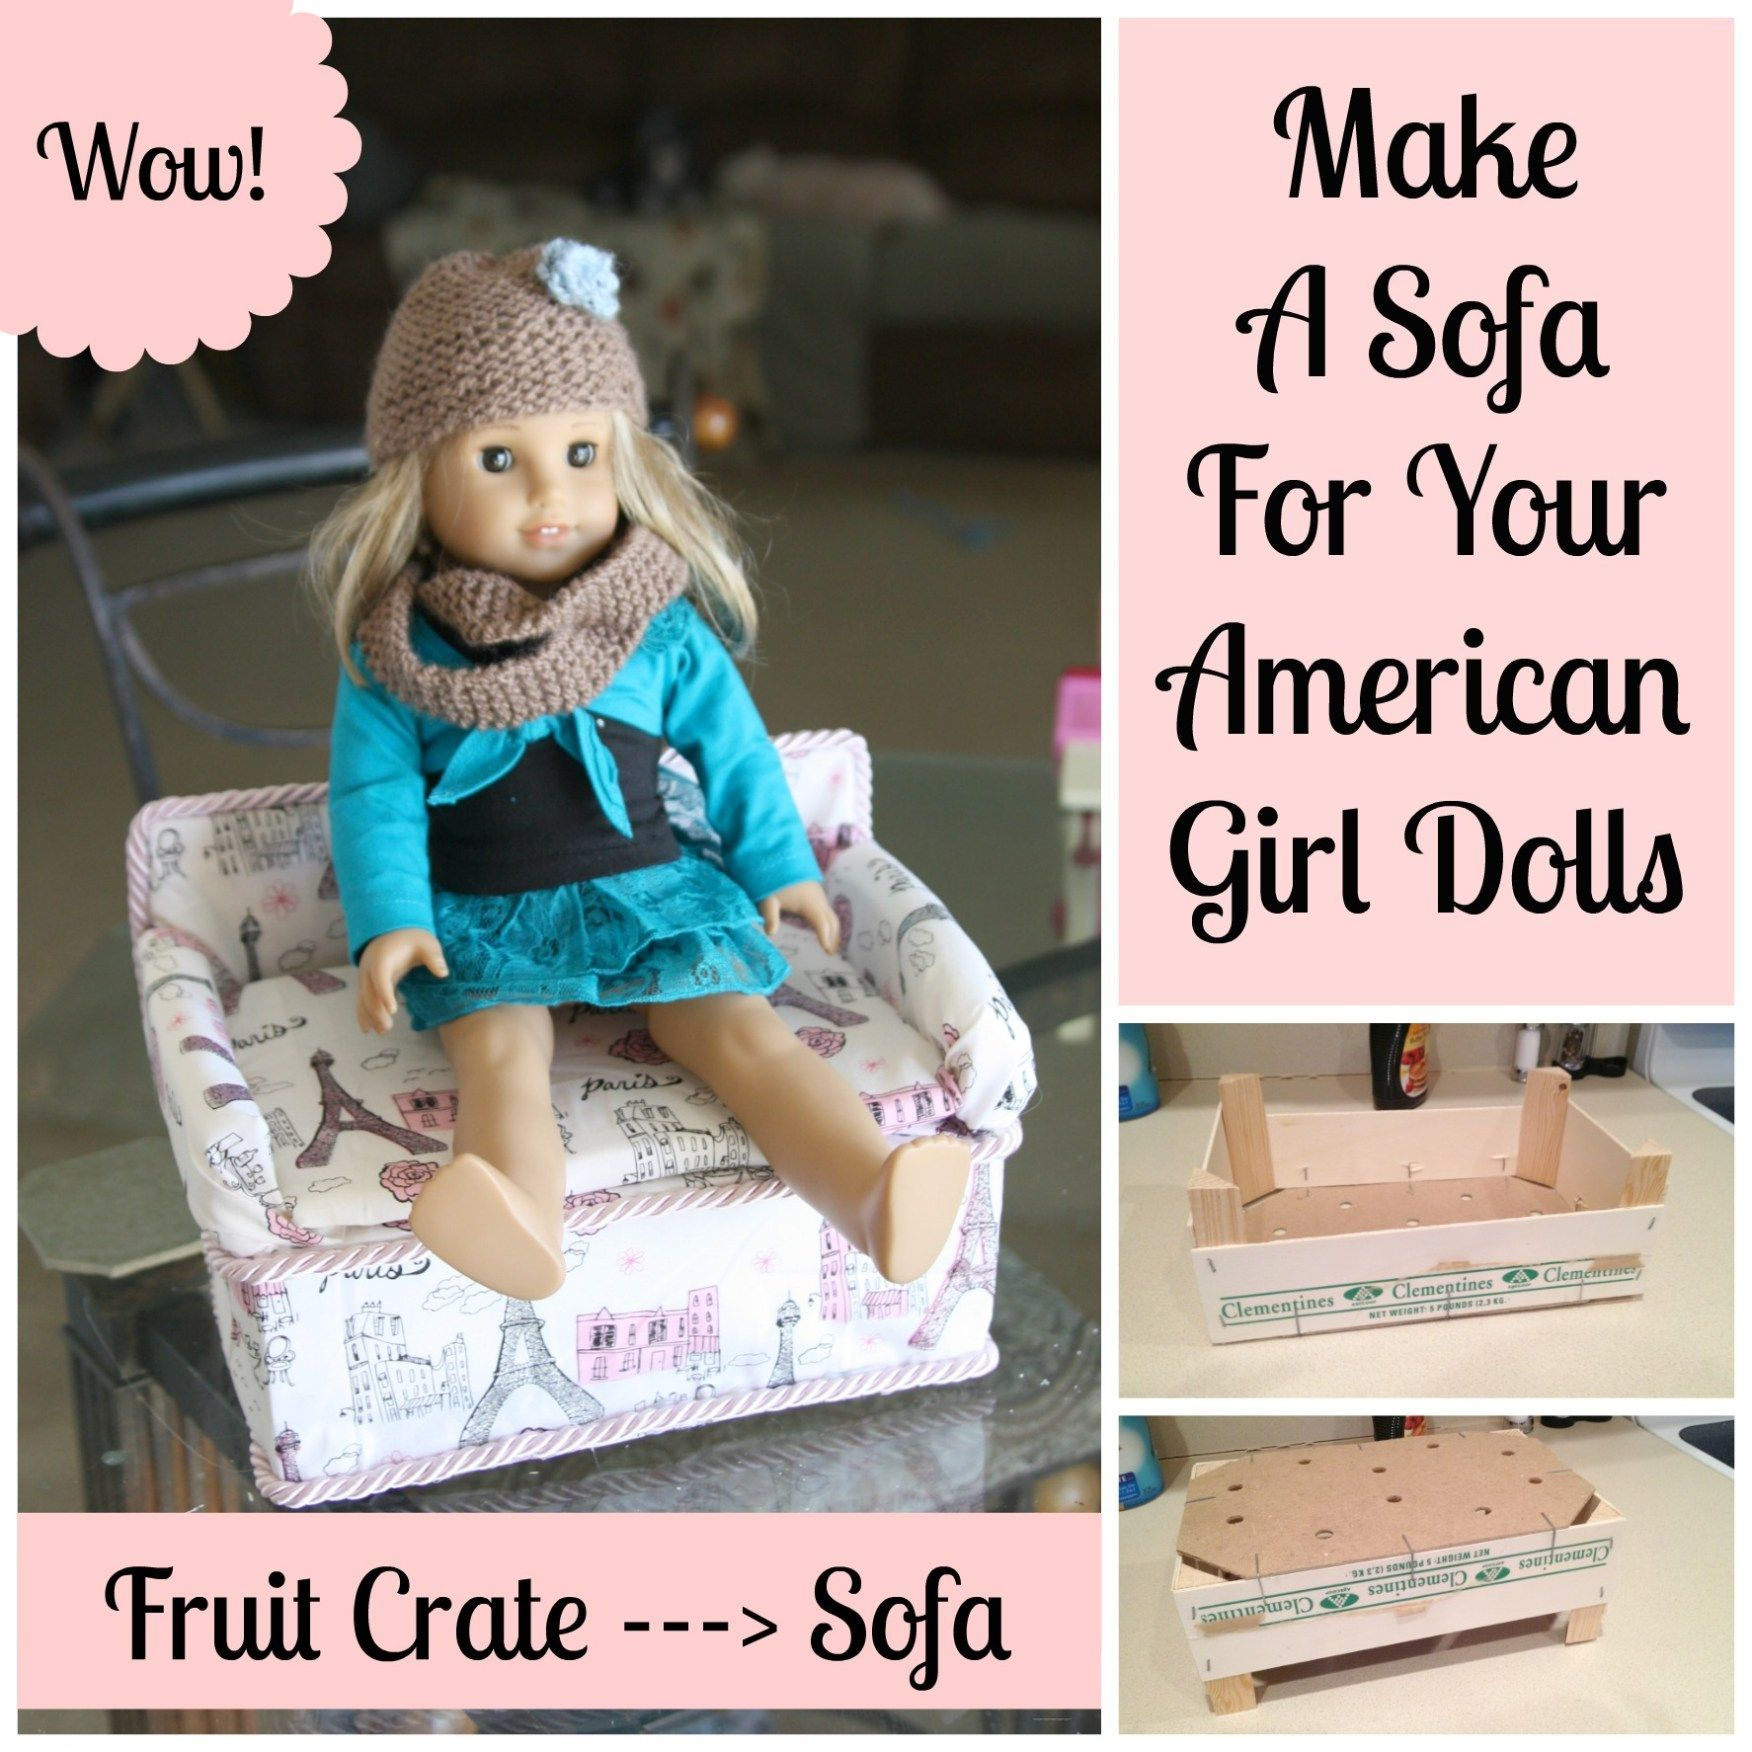 Make An American Girl Sofa {Upcycling} #americangirldollcrafts Make An American Girl Sofa {Upcycling} - #americangirlhouse